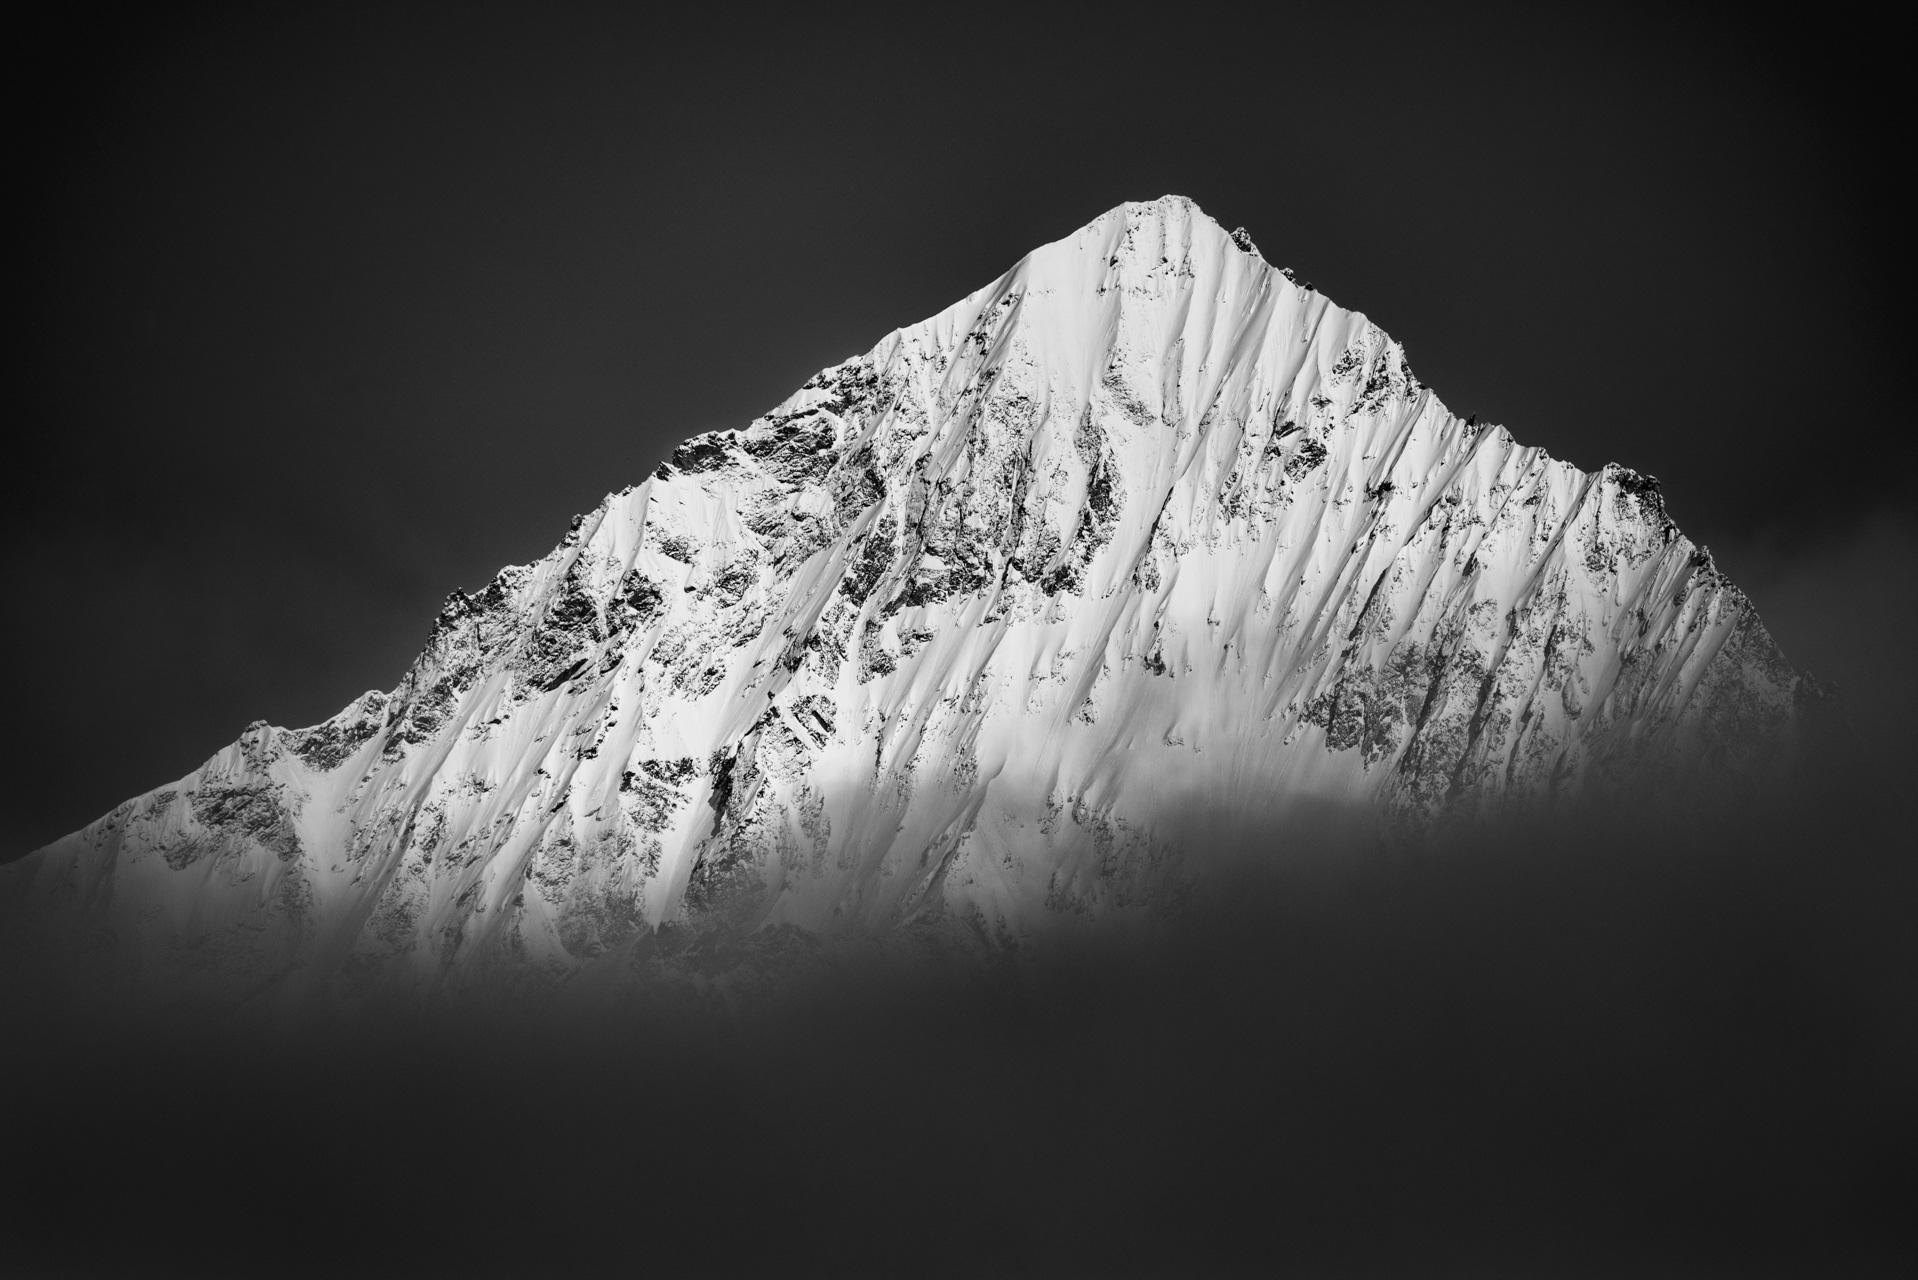 Image montagne Valais suisse - les dents blanches alpes Zermatt